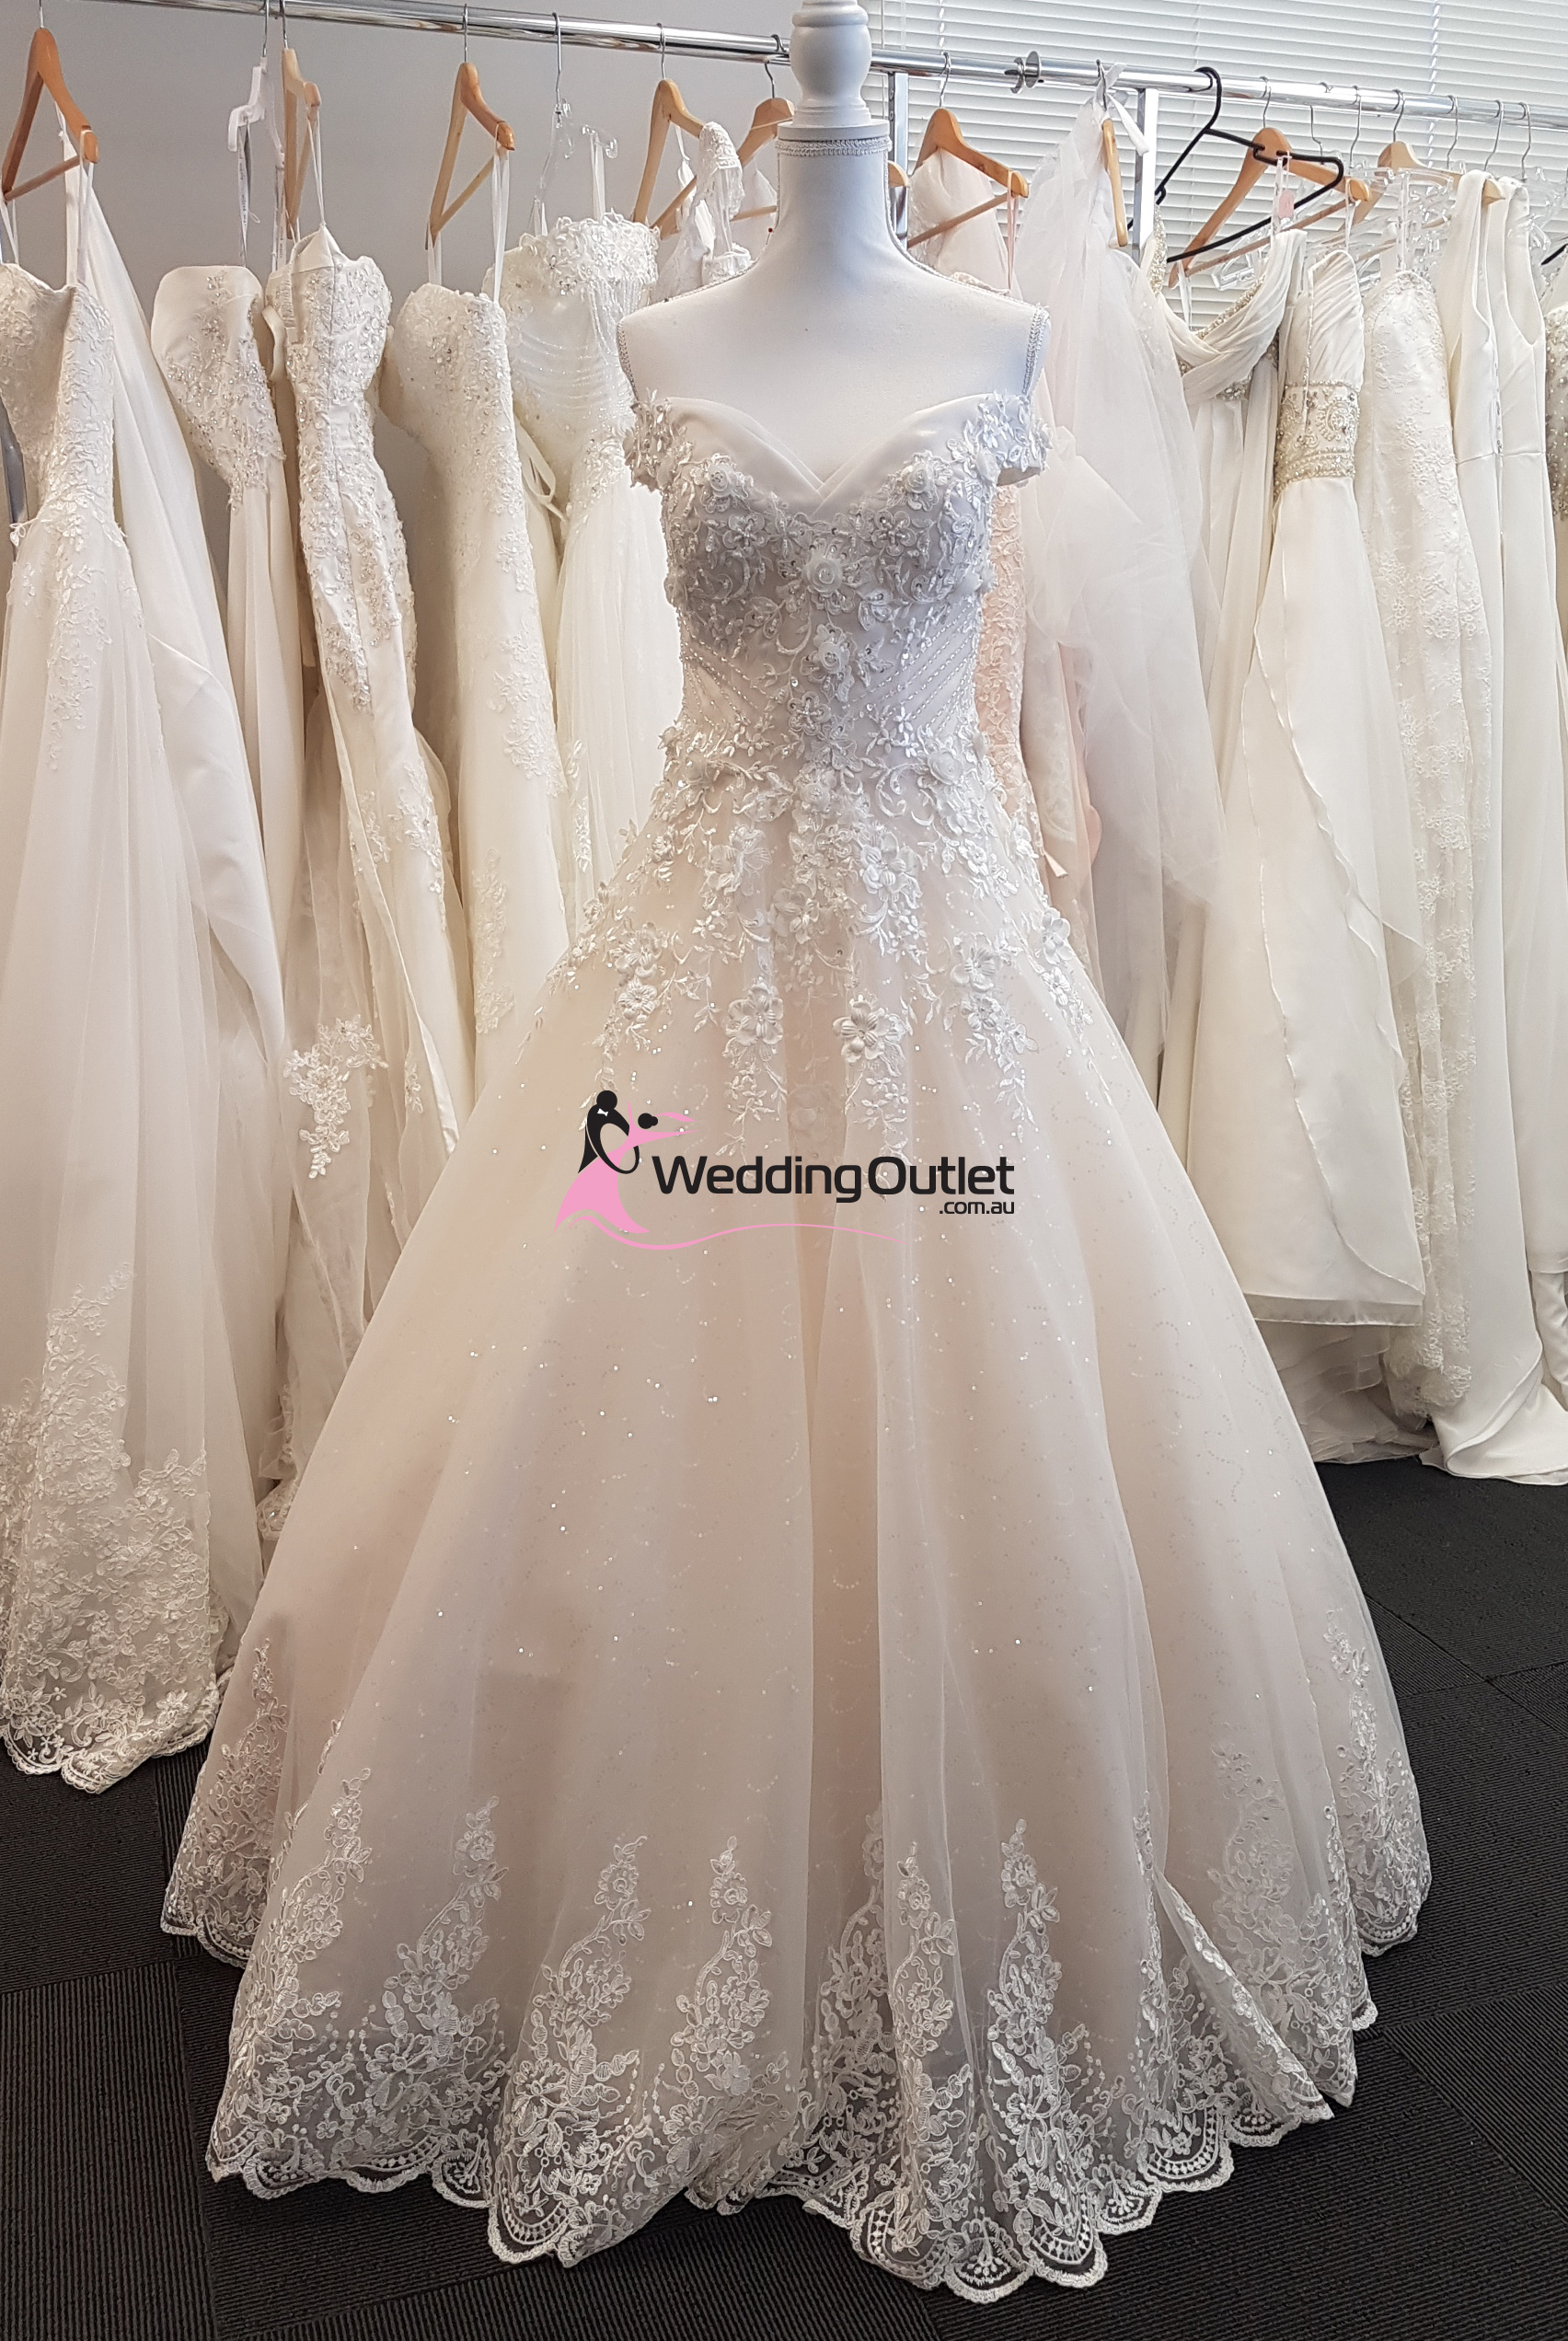 Kinley Off Shoulder Champagne Lace Bridal Gown - WeddingOutlet.com.au